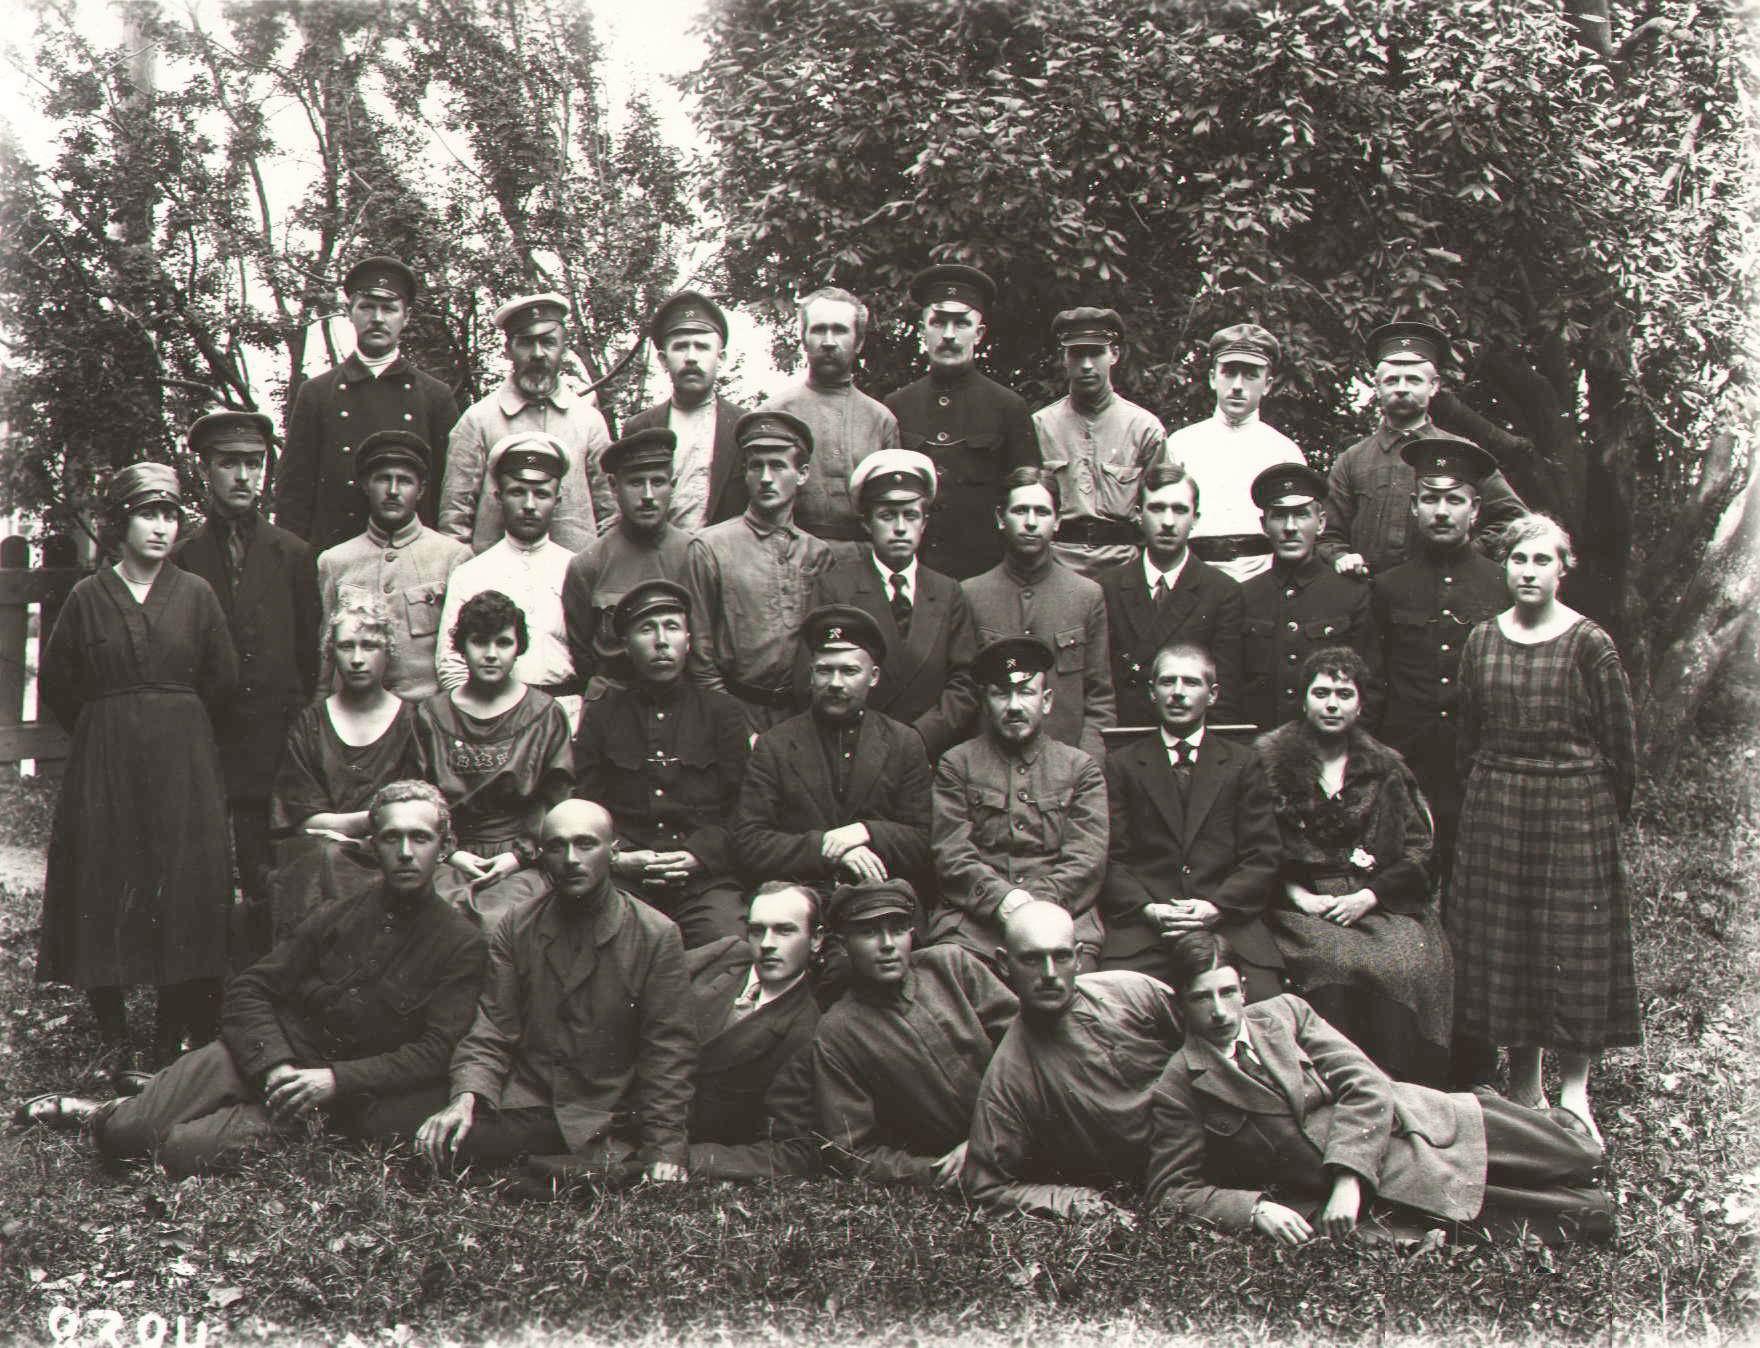 1921. Группа служащих службы движения. Псков